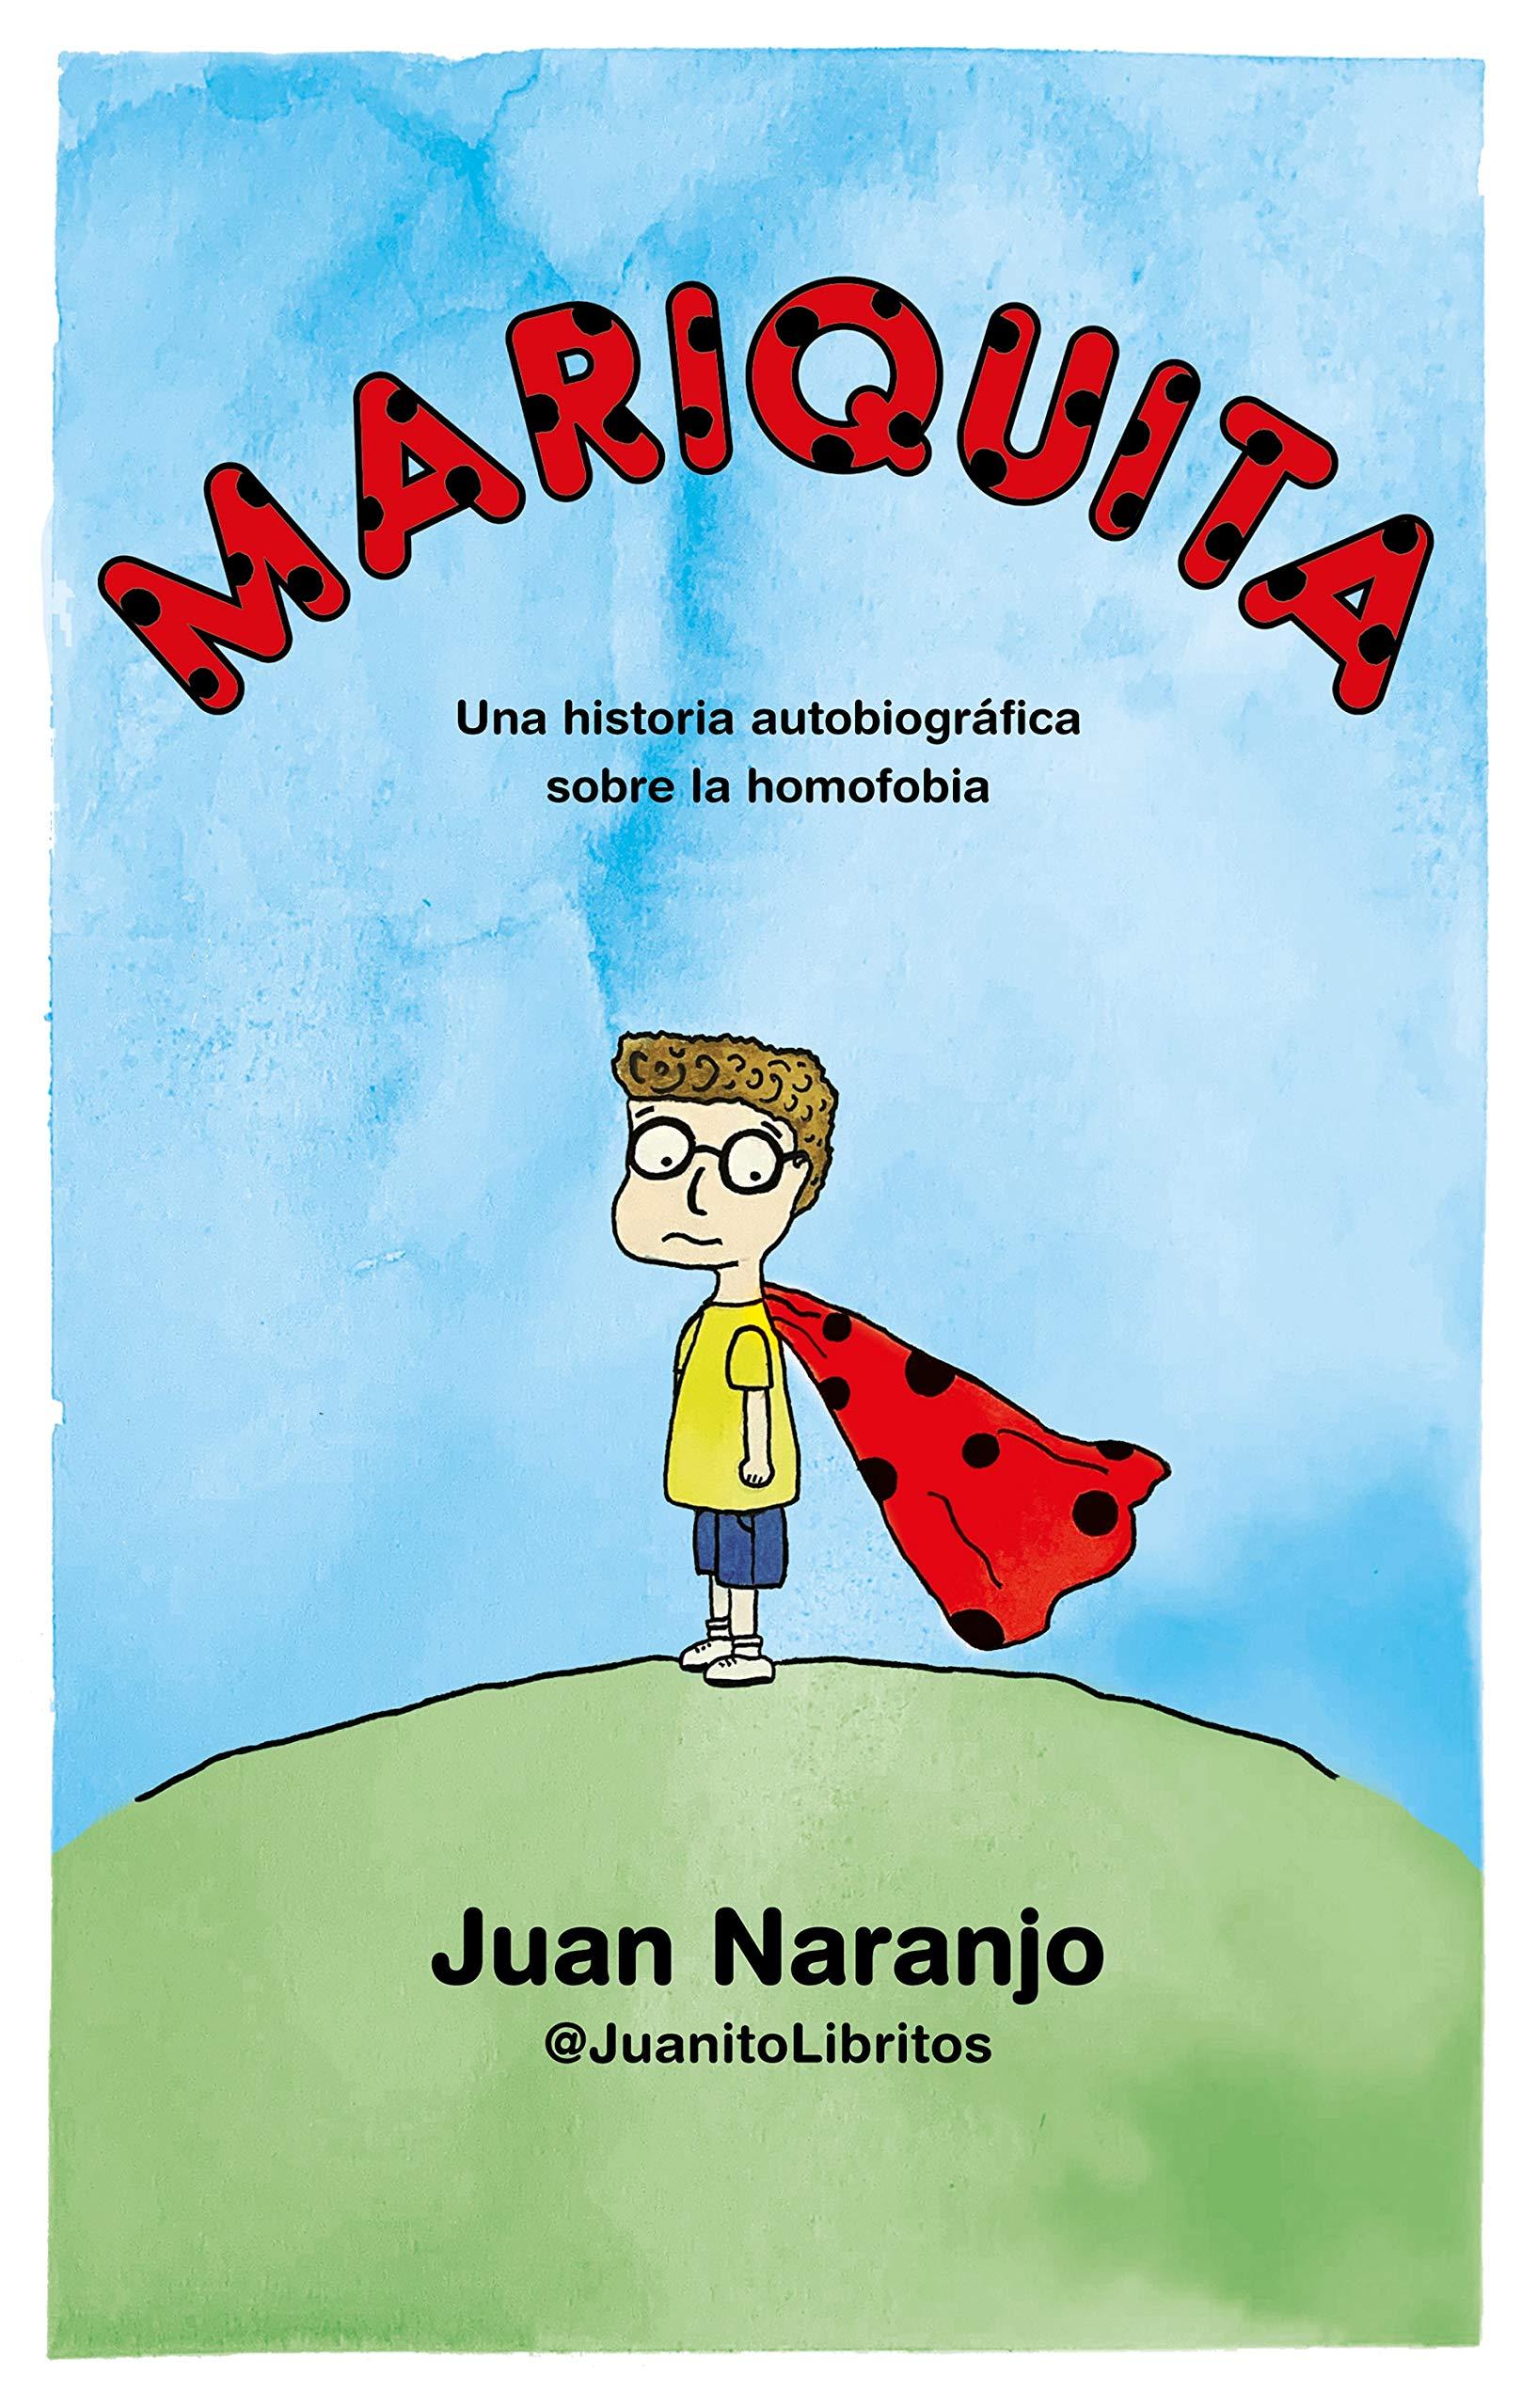 Mariquita: Una historia autobiográfica sobre la homofobia Cómic / Nov. Gráfica: Amazon.es: @JuanitoLibritos, Juan Naranjo: Libros